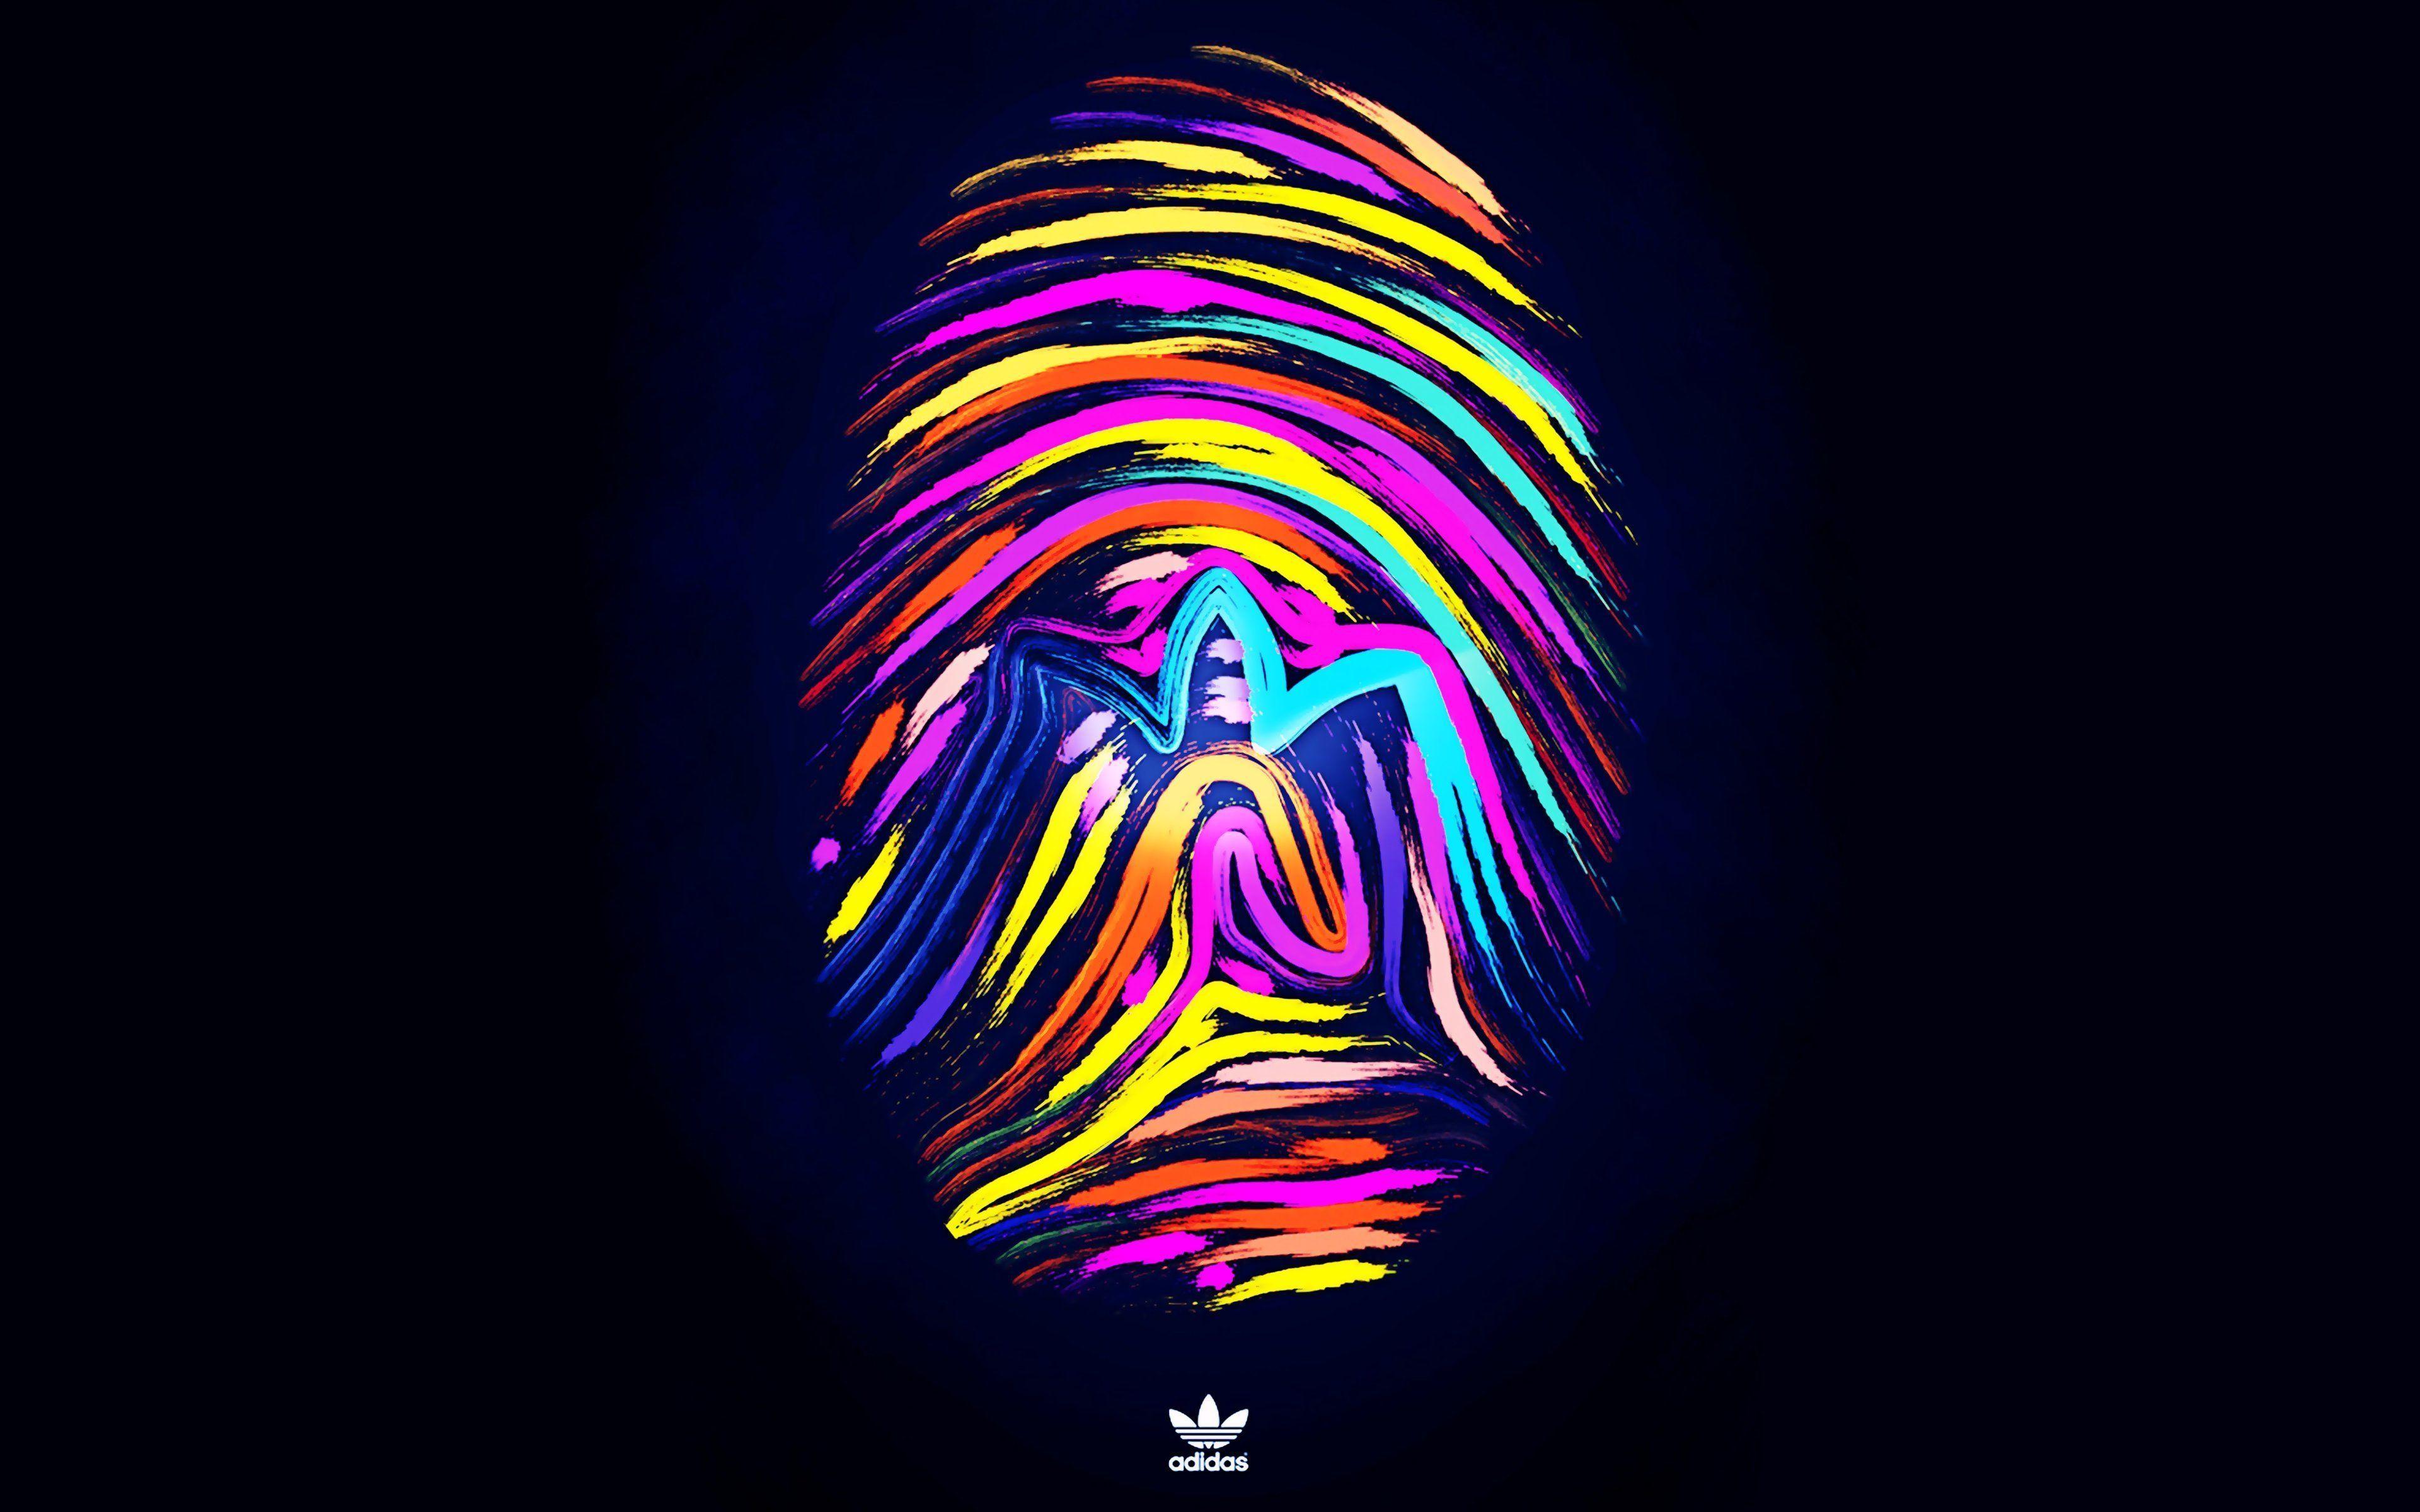 adidas 4k wallpaper